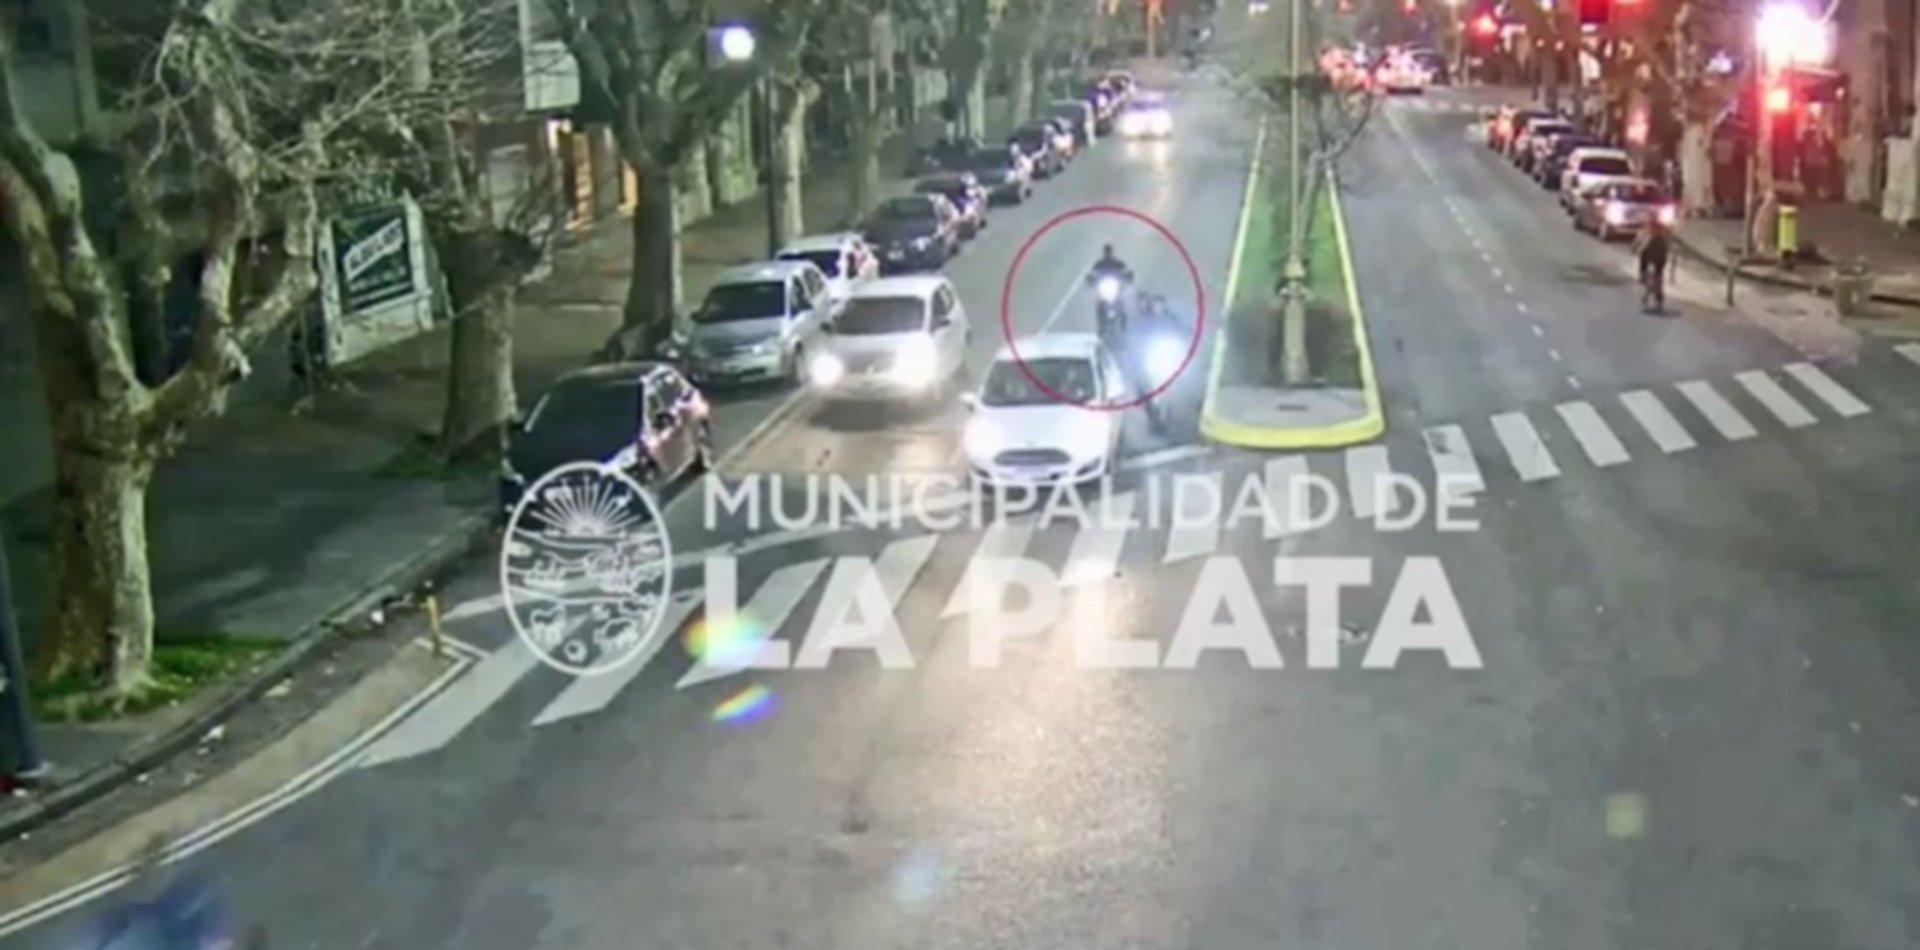 VIDEO: Una moto siguió de largo y chocó de lleno contra un auto en plena diagonal 74